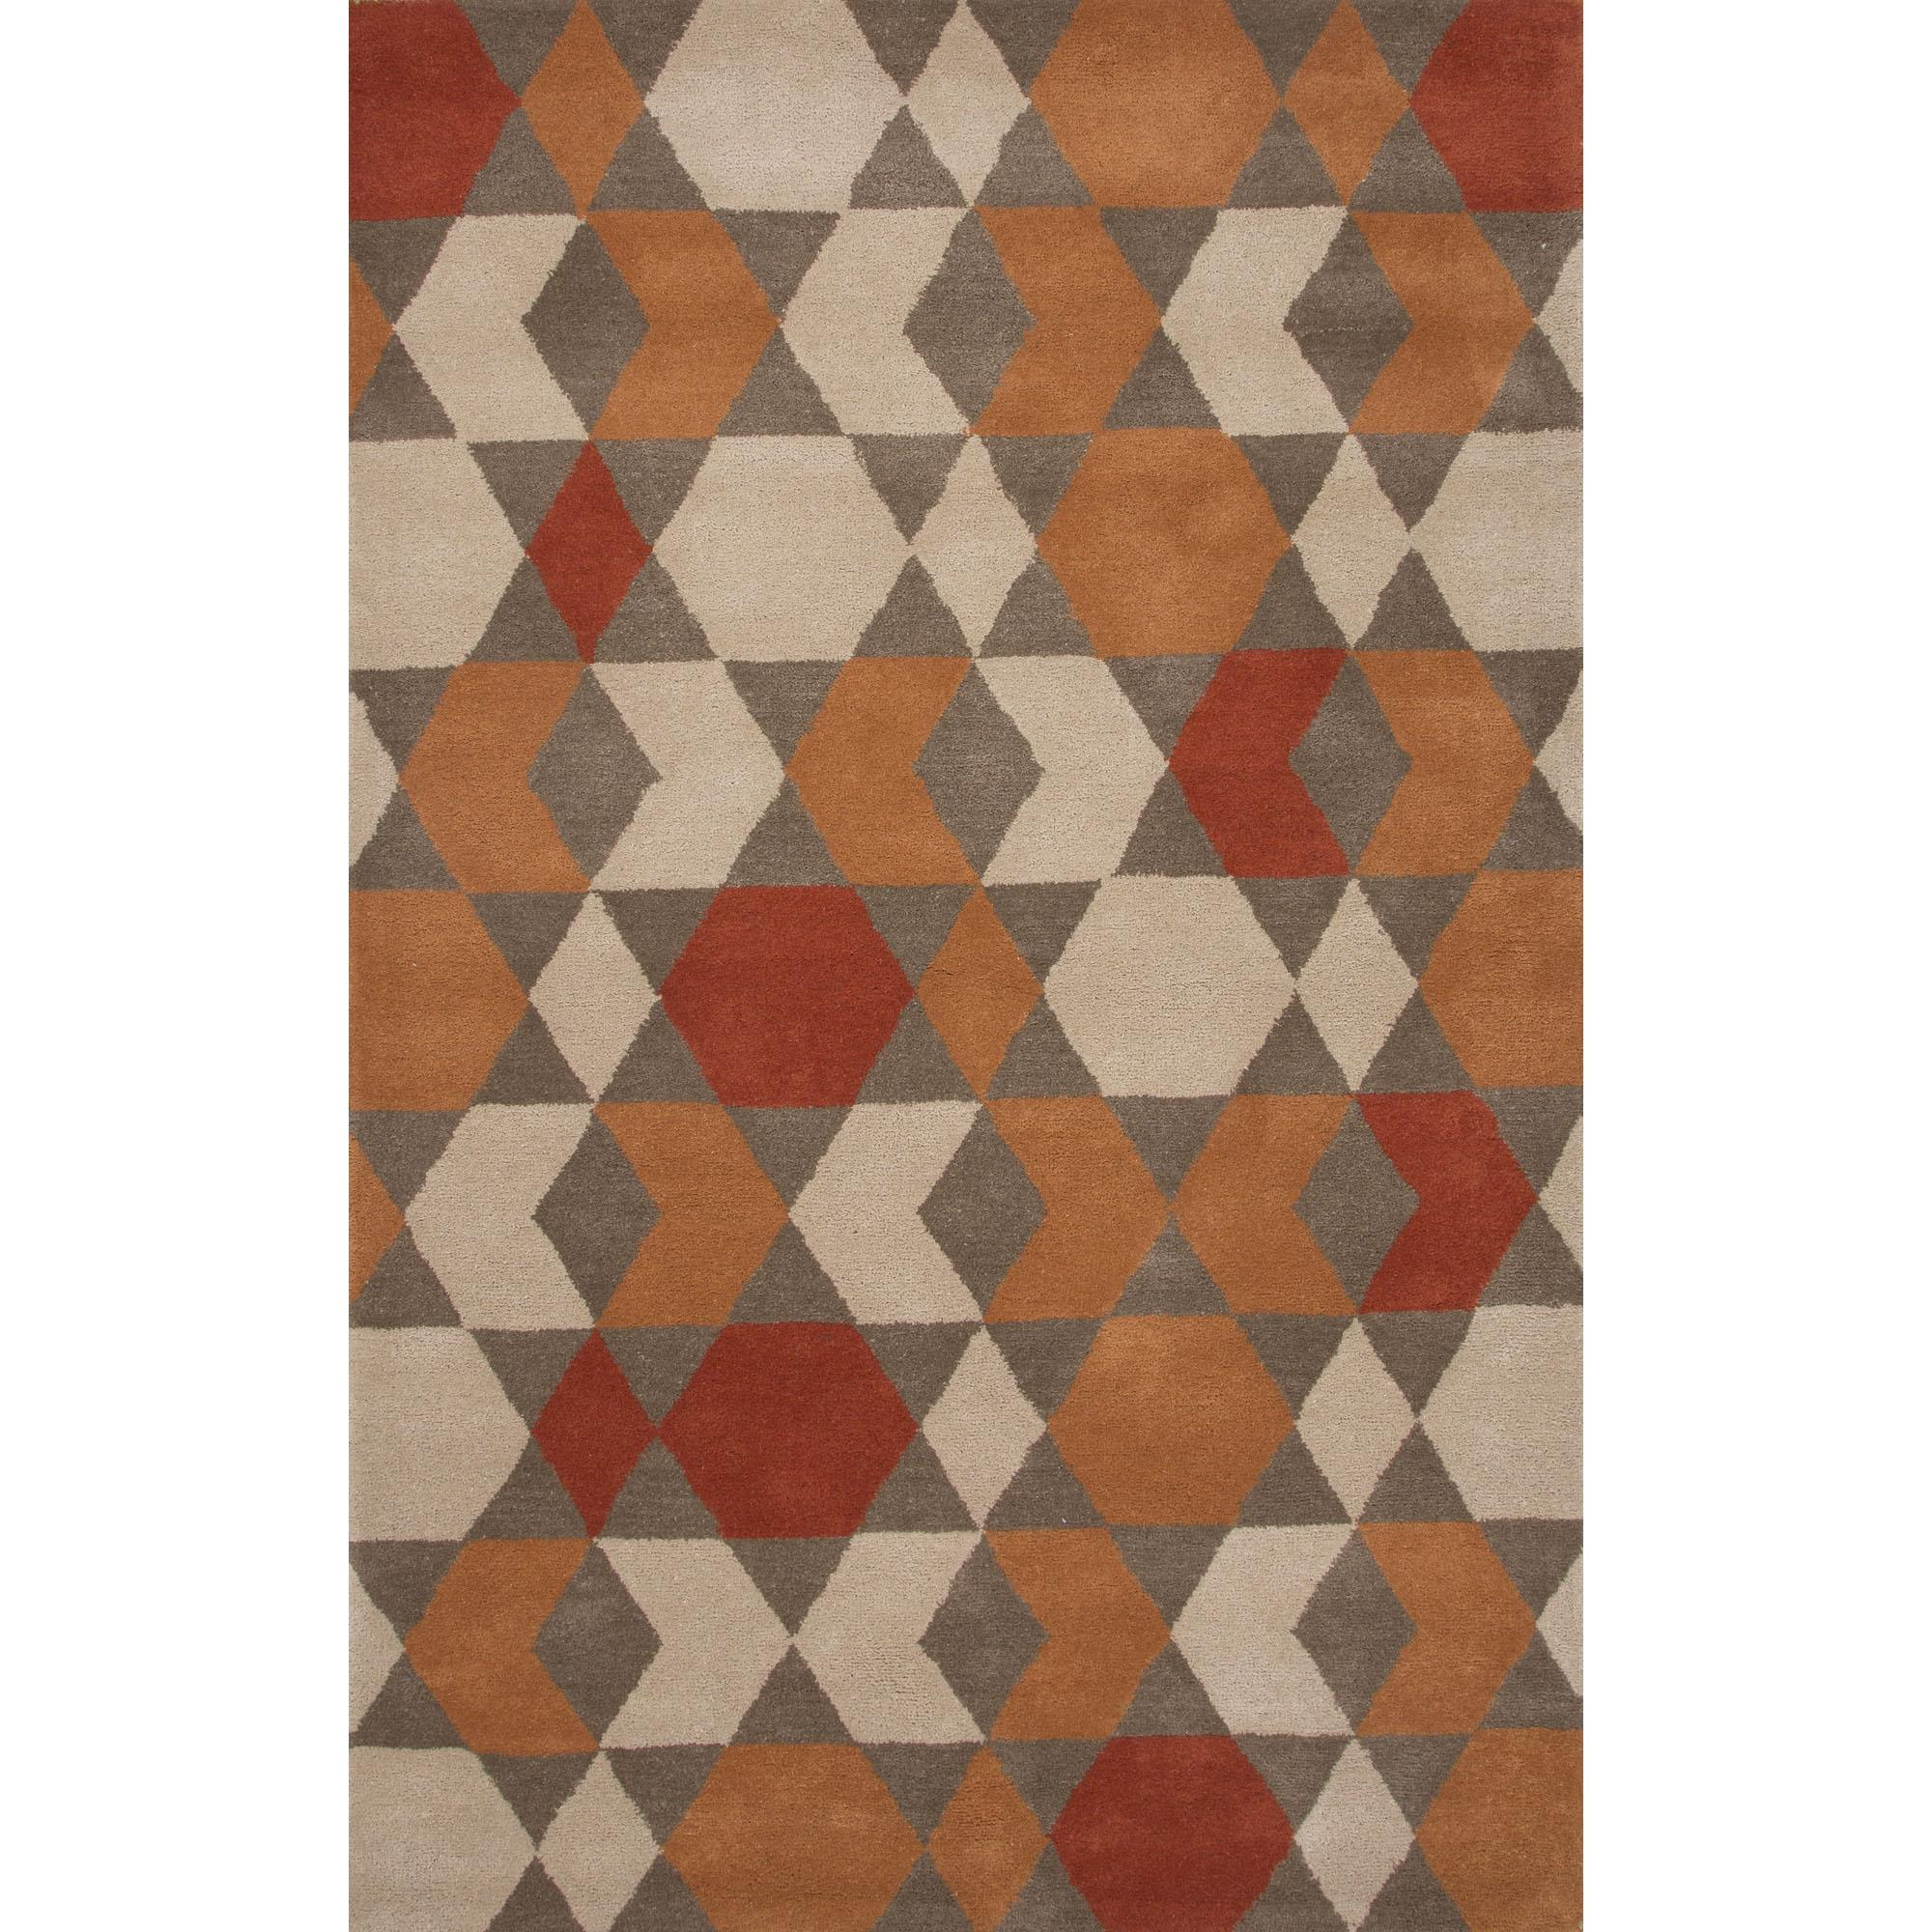 JAIPUR Rugs Aztec 5 x 8 Rug - Item Number: RUG120348